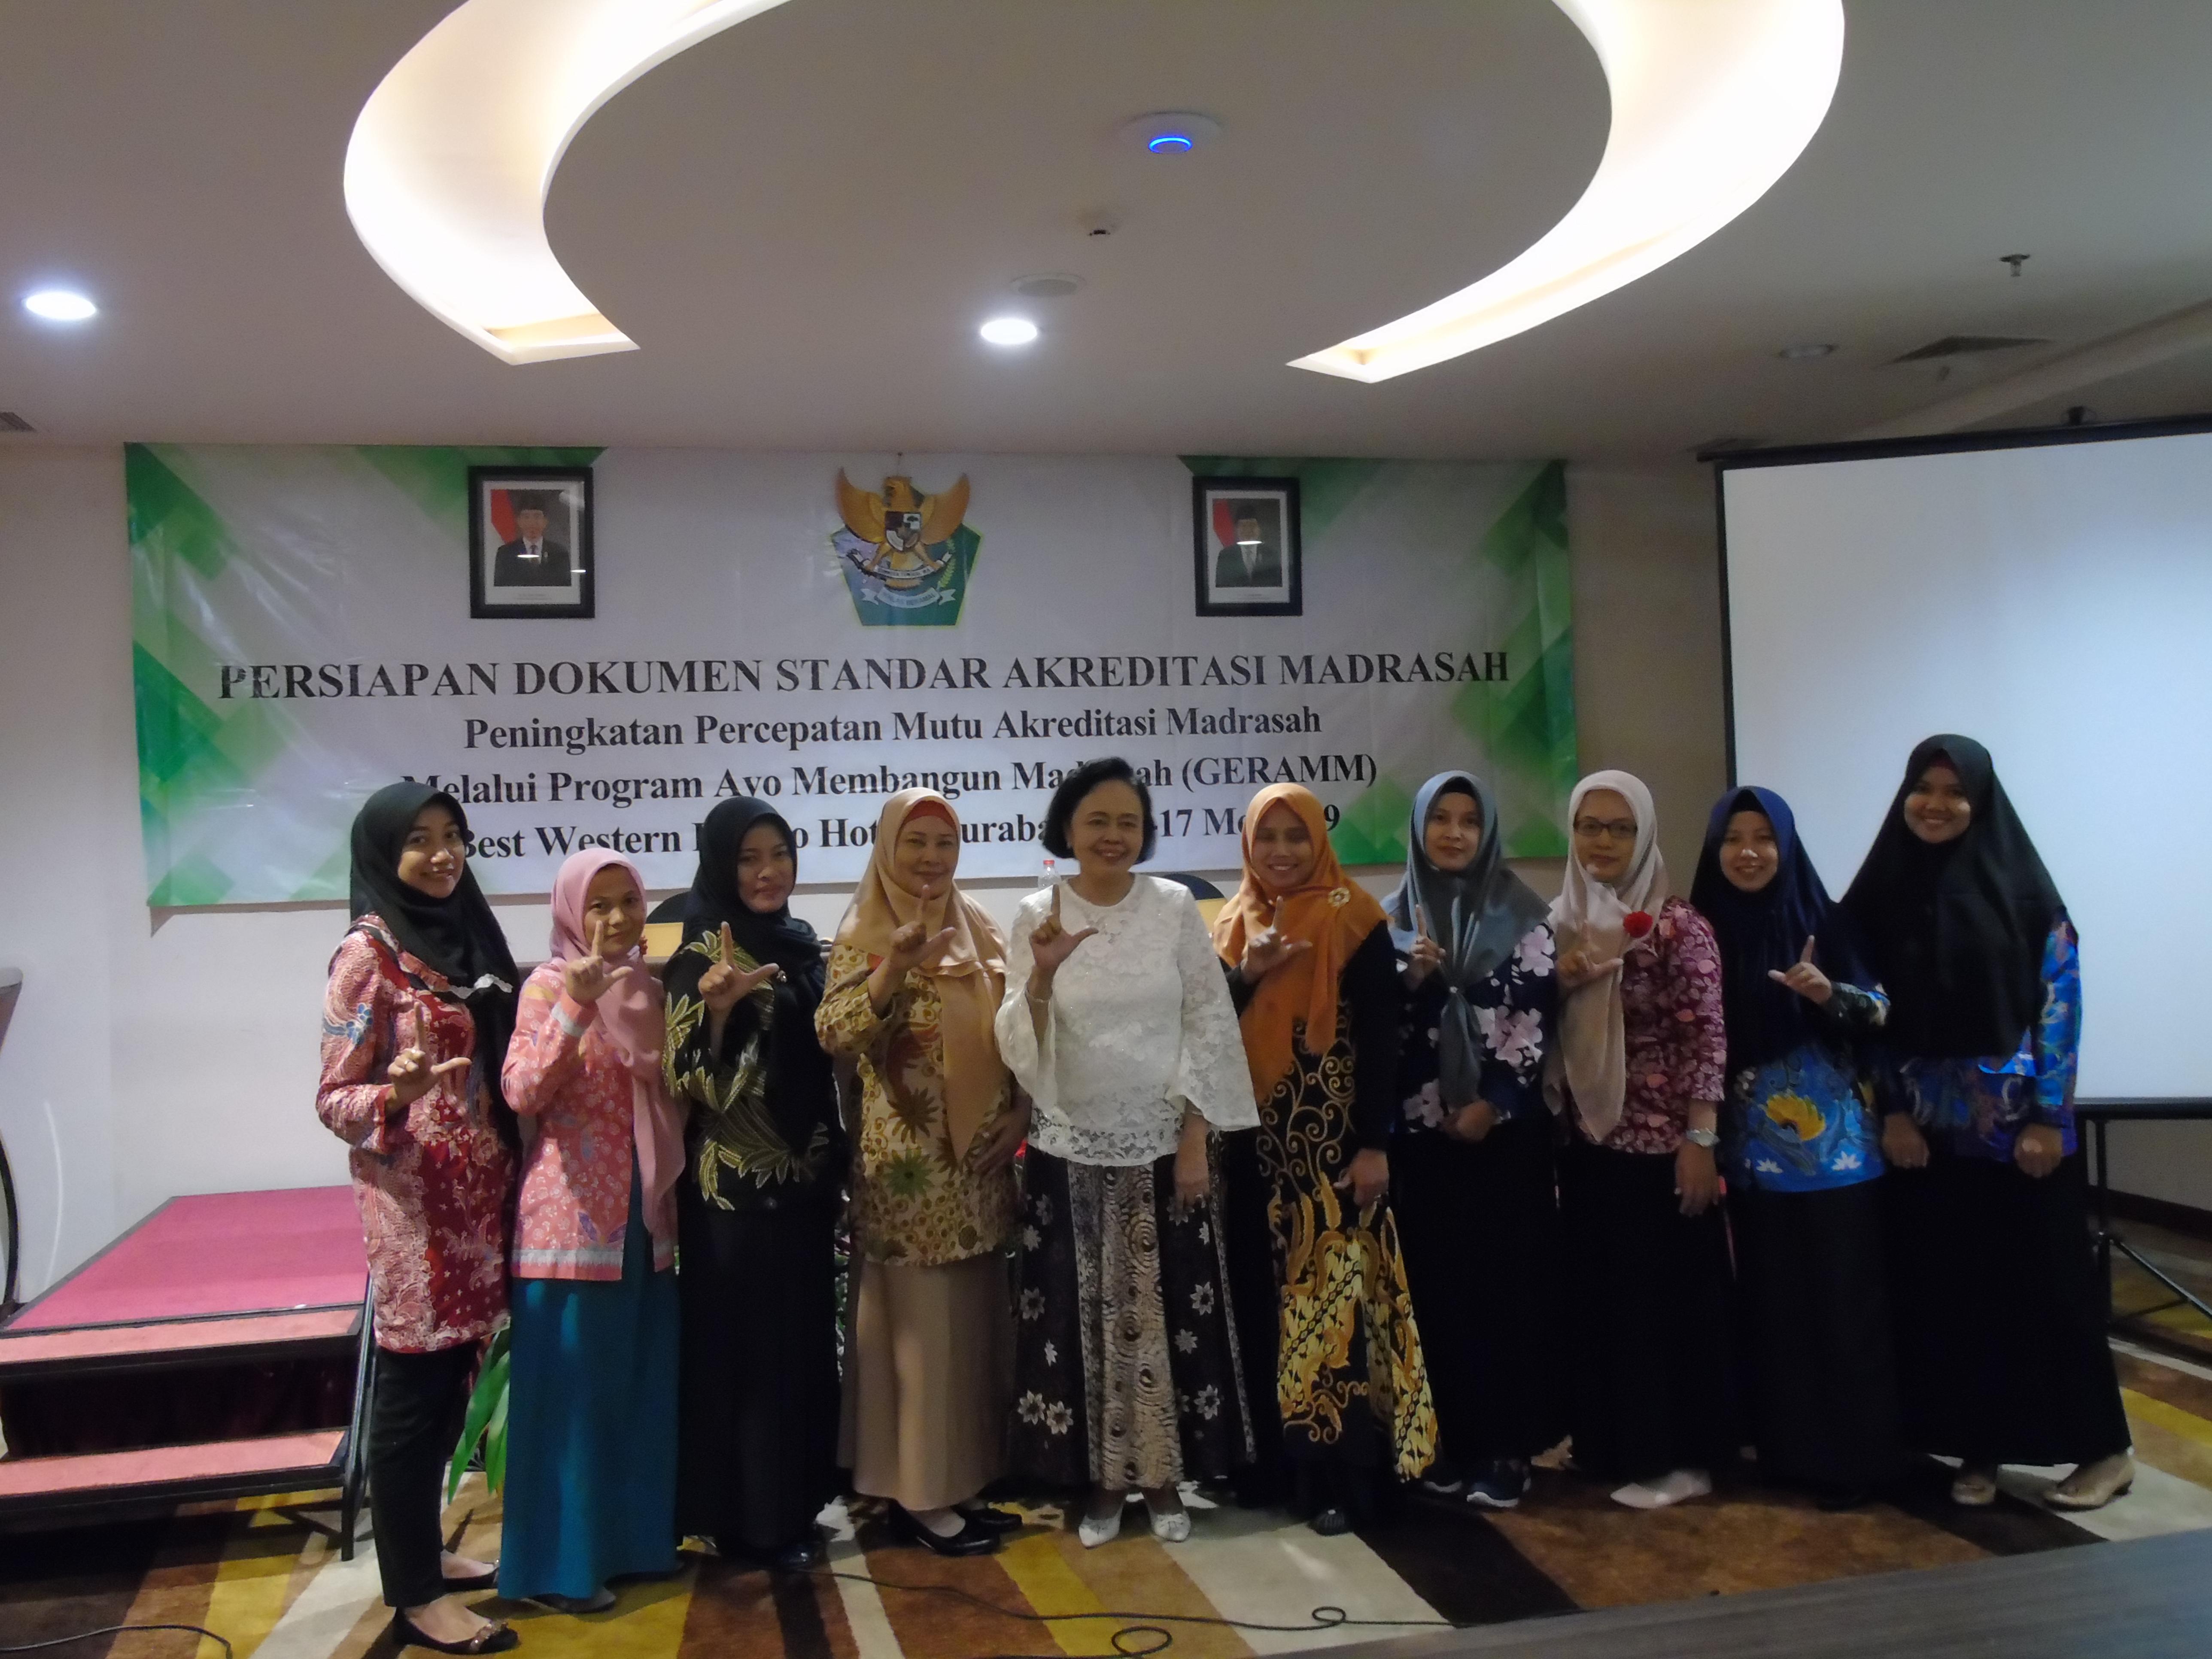 madrasahjatim | Bidang Pendidikan Madrasah